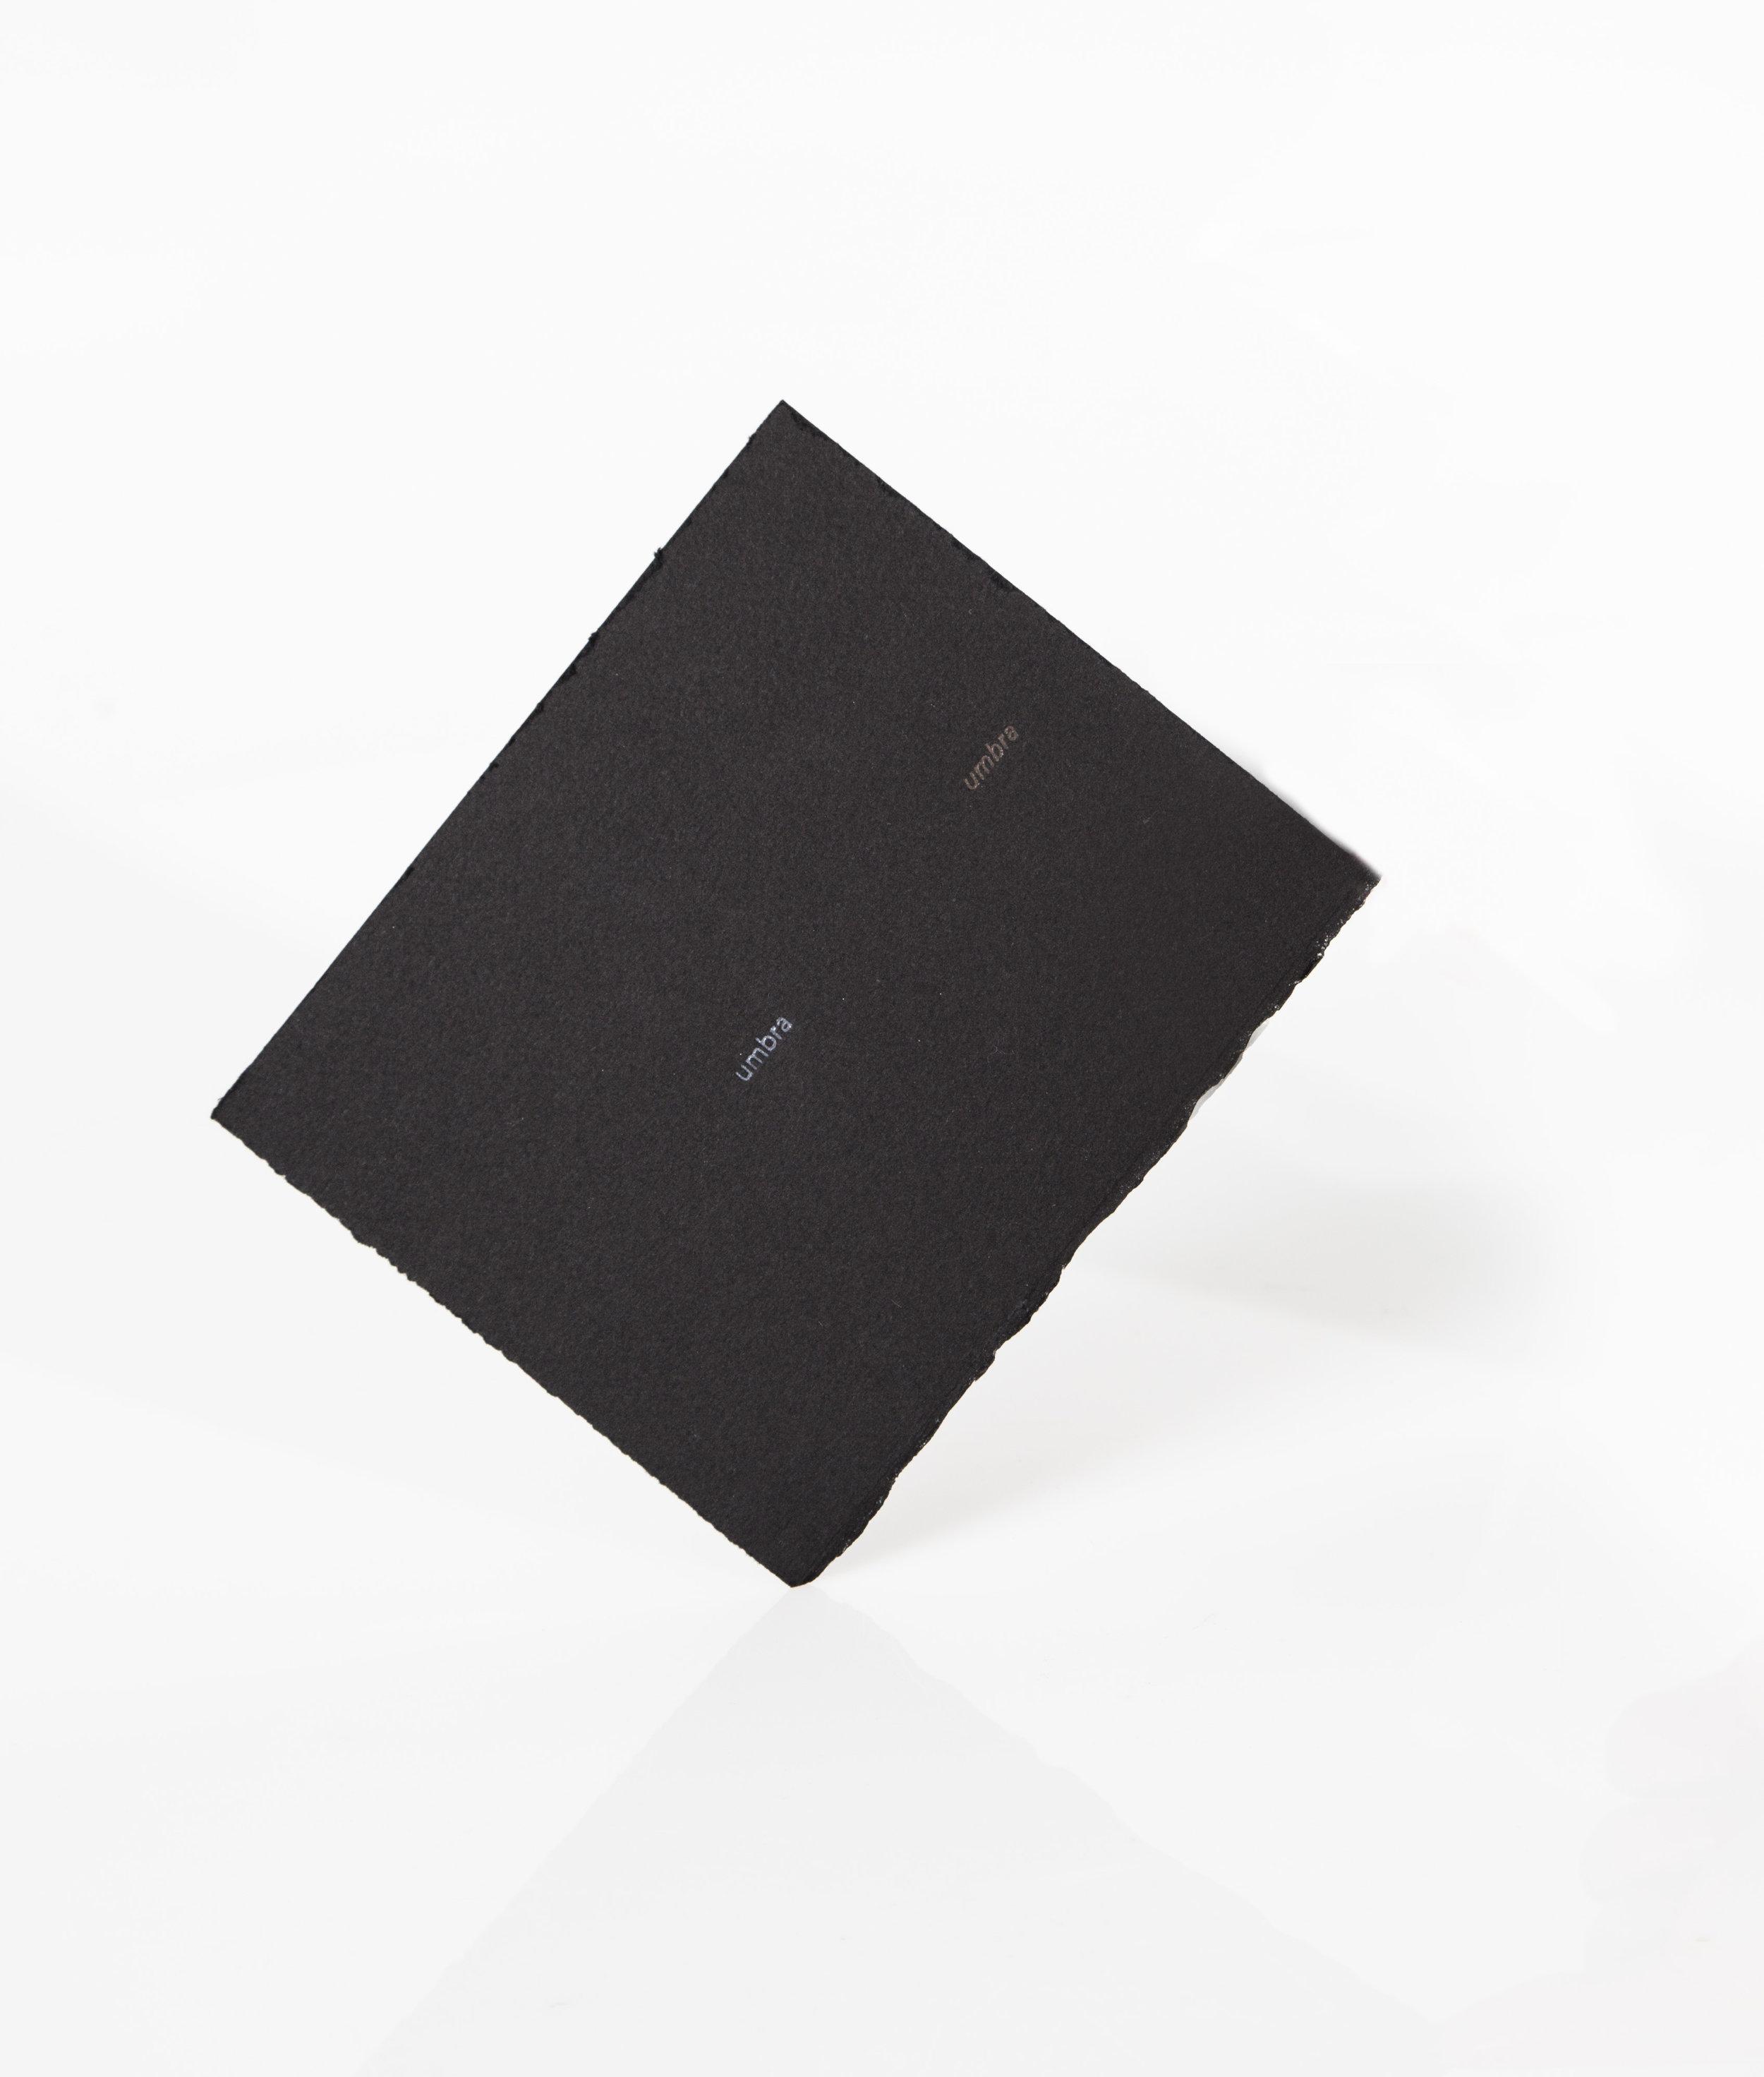 umbra-WR-04-1.jpg